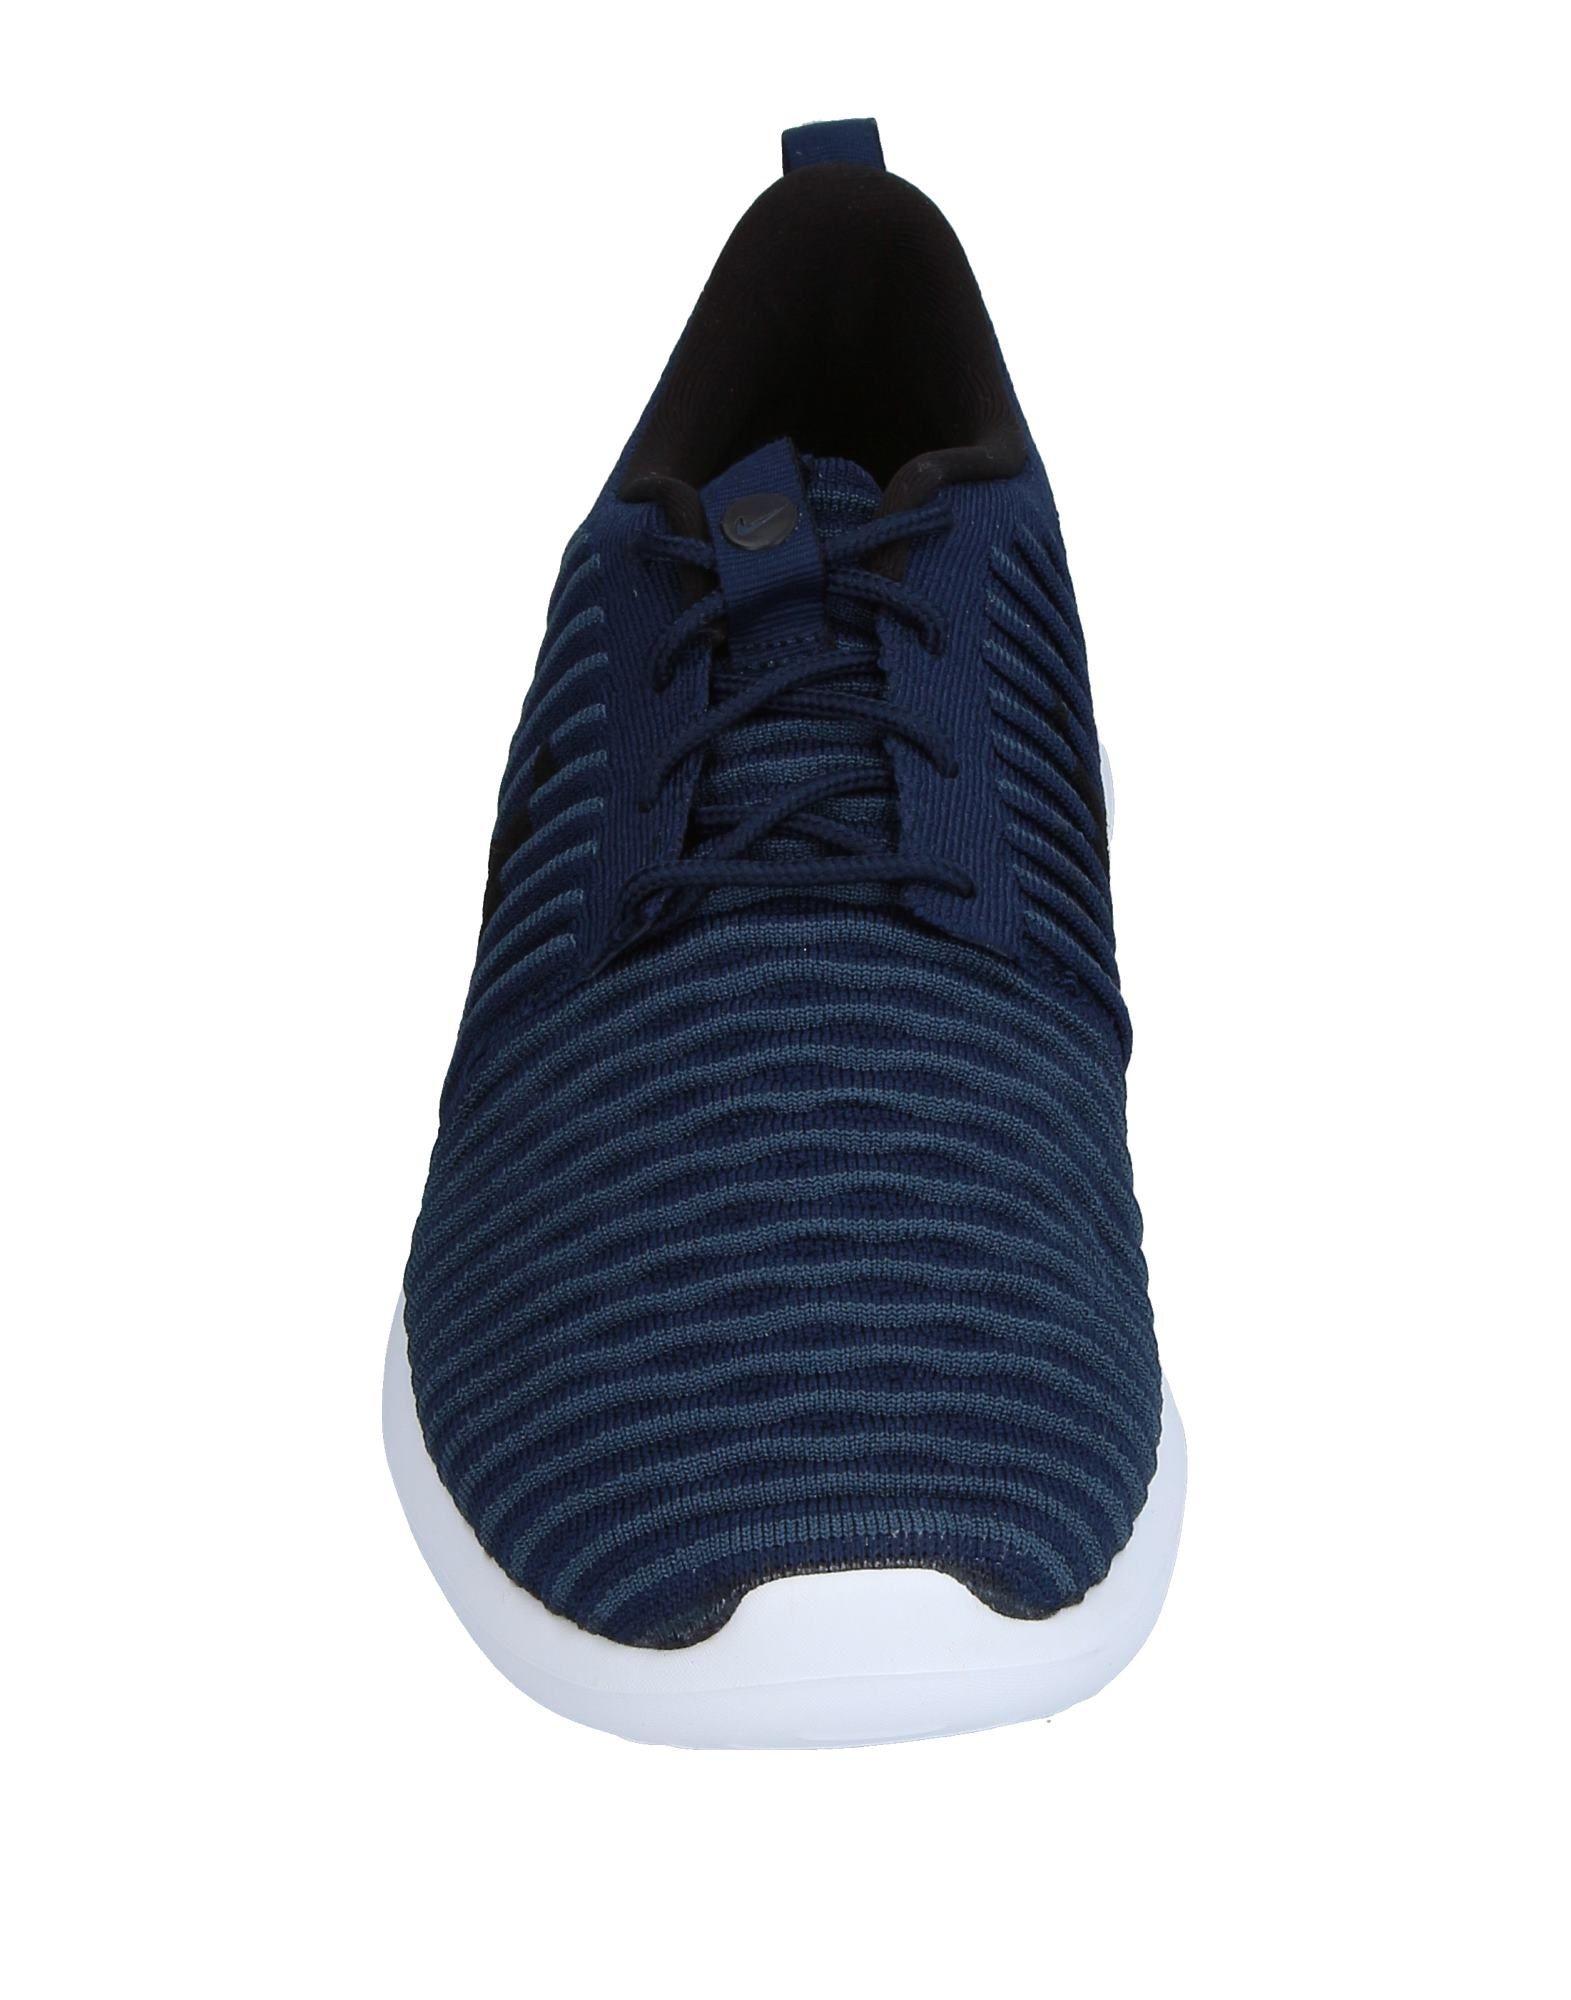 Rabatt echte Sneakers Schuhe Nike Sneakers echte Herren  11234757WP 4d3f91